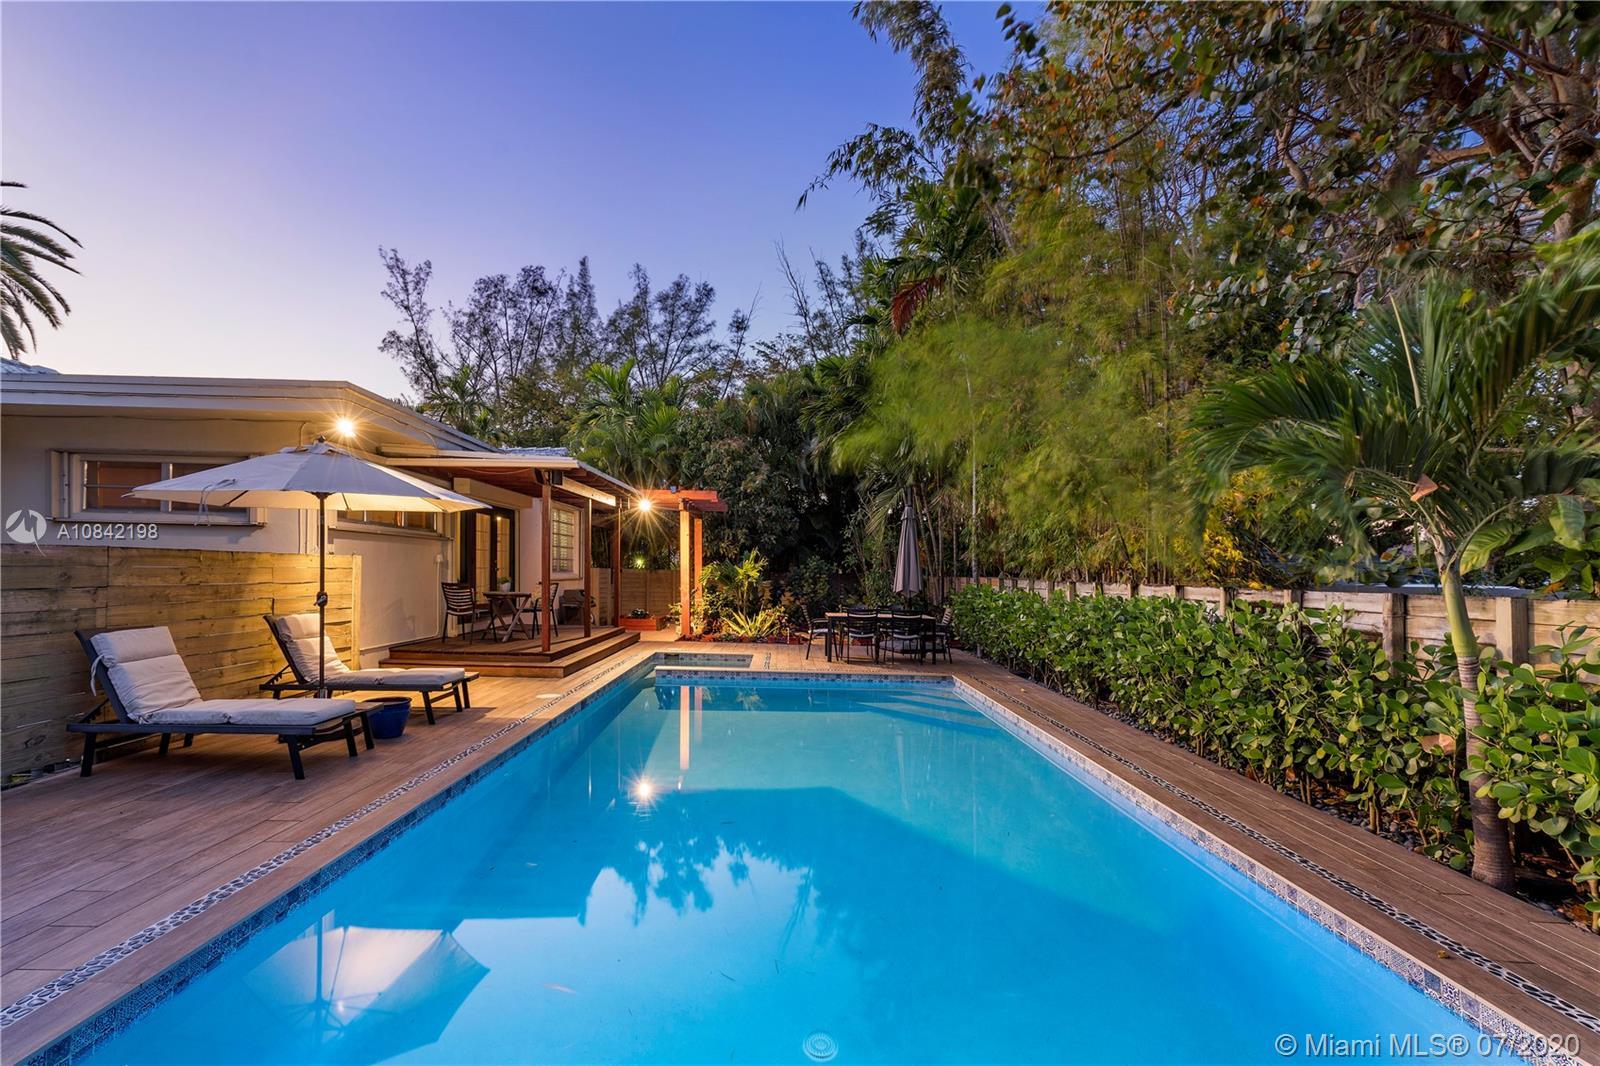 12045 Griffing Blvd, Biscayne Park, FL 33161 - Biscayne Park, FL real estate listing